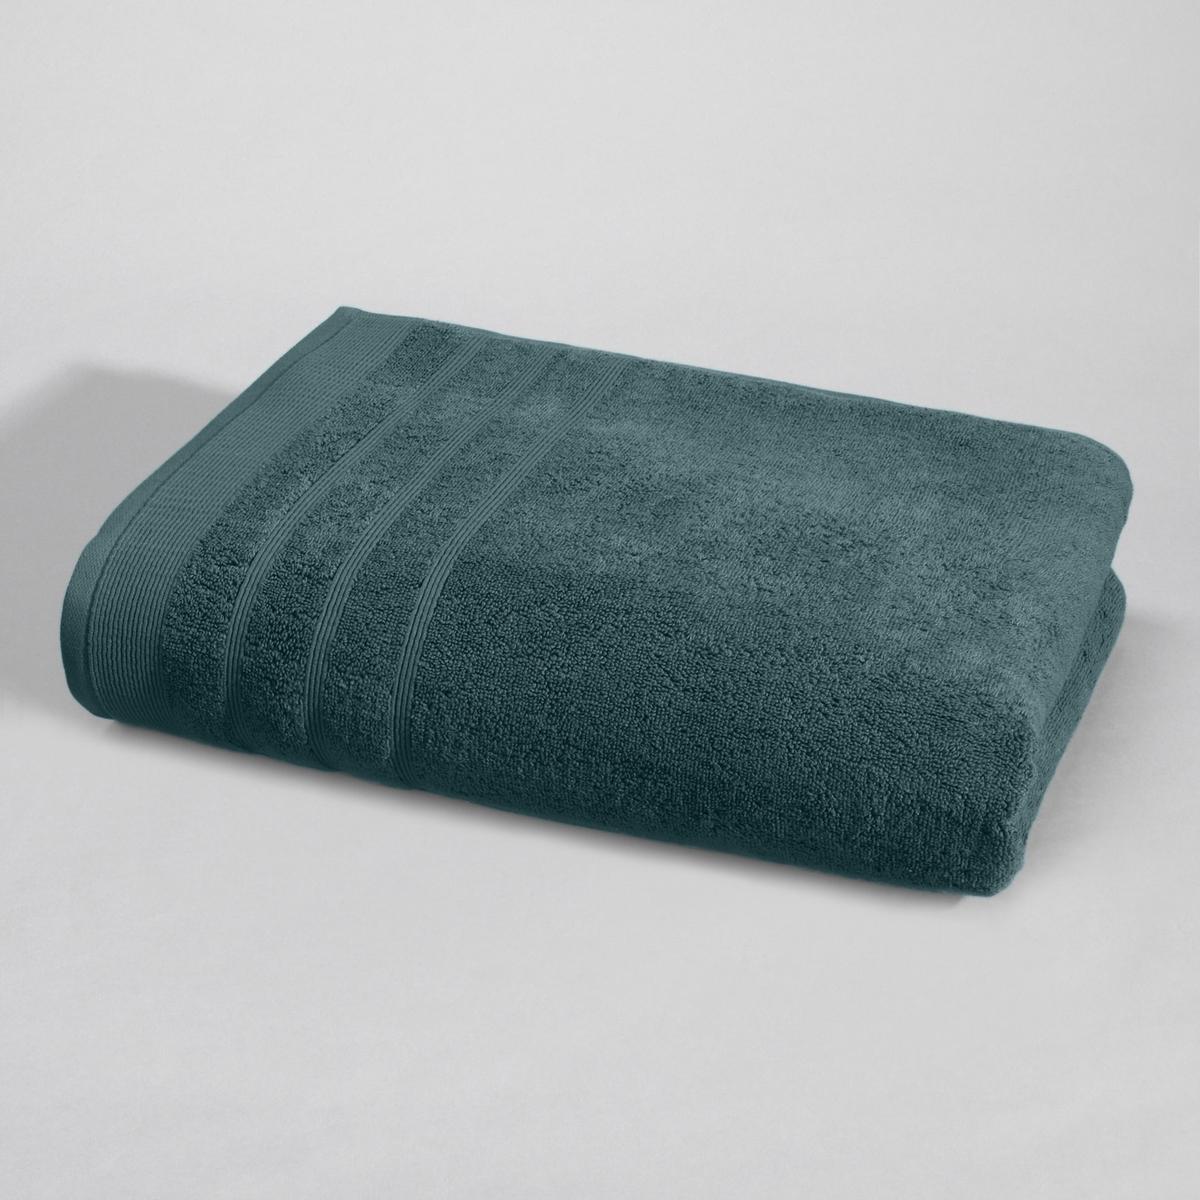 Полотенце банное 600 г/м?, Качество BestБольшое банное полотенце отлично притывает влагу, даря тем самым невероятный комфорт.Описание большого  банного полотенца :Качество BEST.Махровая ткань 100 % хлопка. Машинная стирка при 60°.Размеры большого банного полотенца:100 x 150 см.<br><br>Цвет: бежевый,зелено-синий,зеленый мох,светло-синий,Серо-синий,синий морской,шафран<br>Размер: 100 x 150 cm.100 x 150 cm